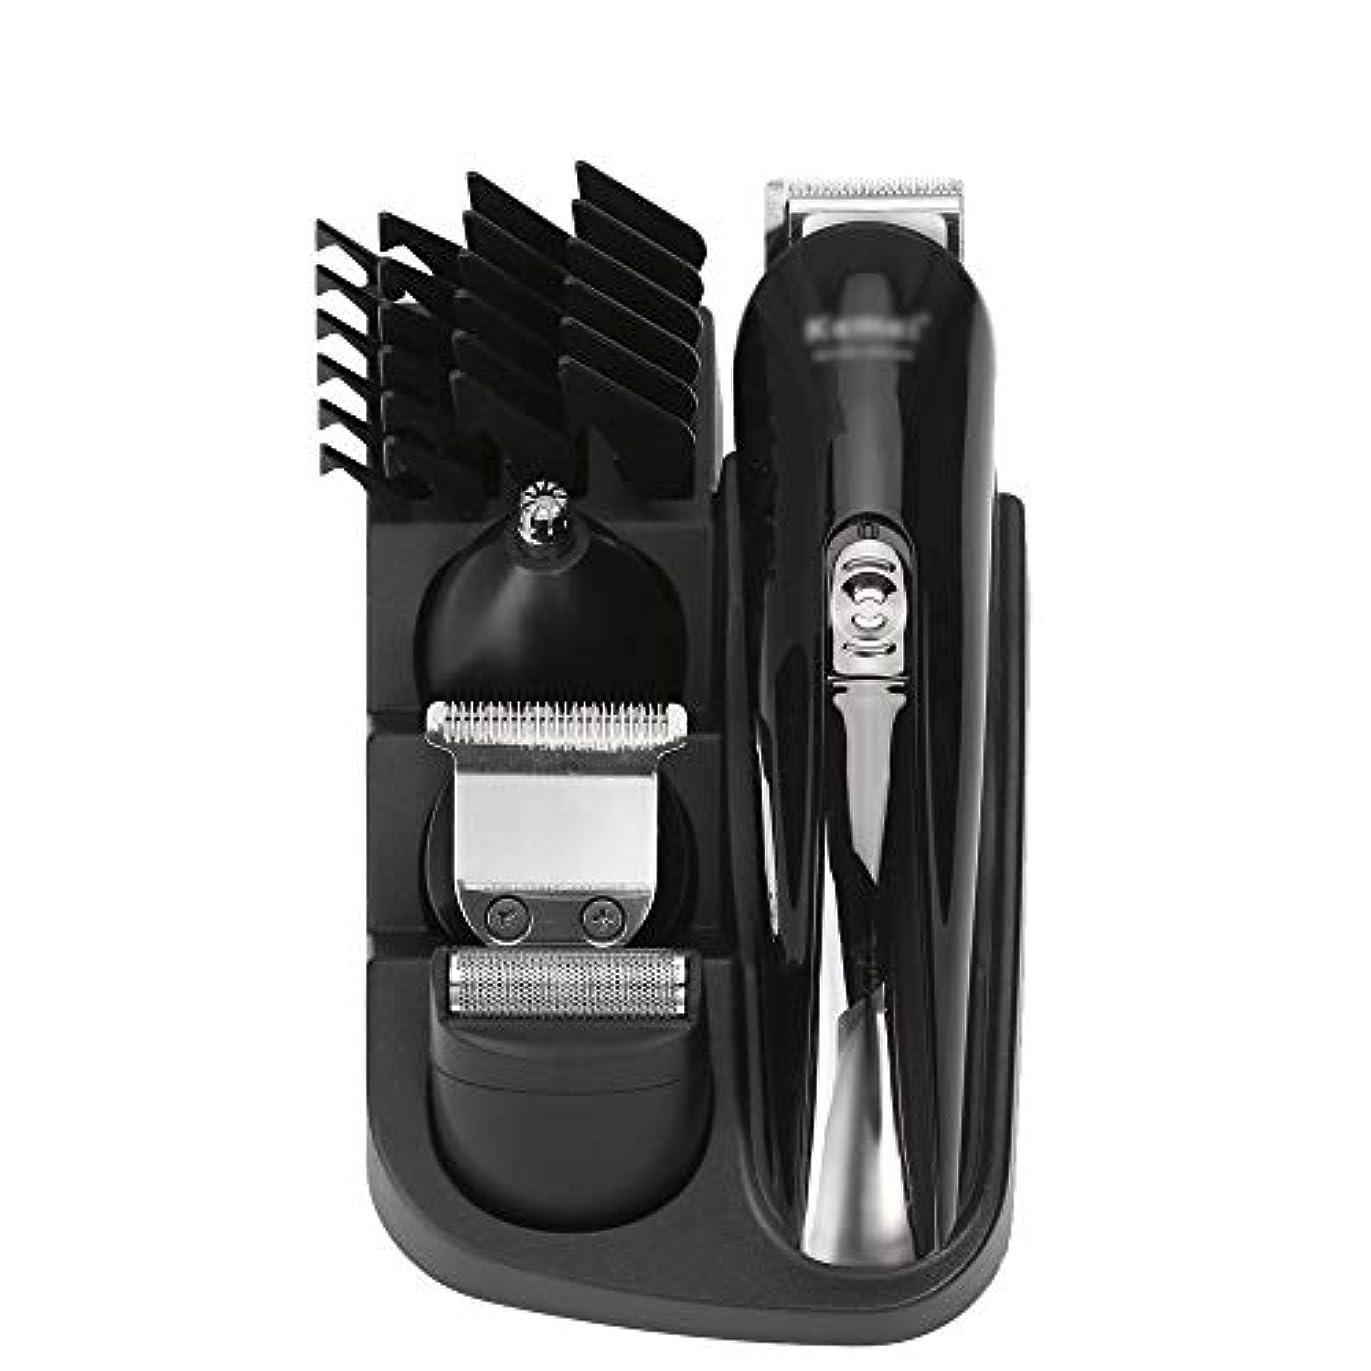 命題数学者限定WAKABAFK 充電式バリカン電気シェーバーヘアトリマー髭剃り機